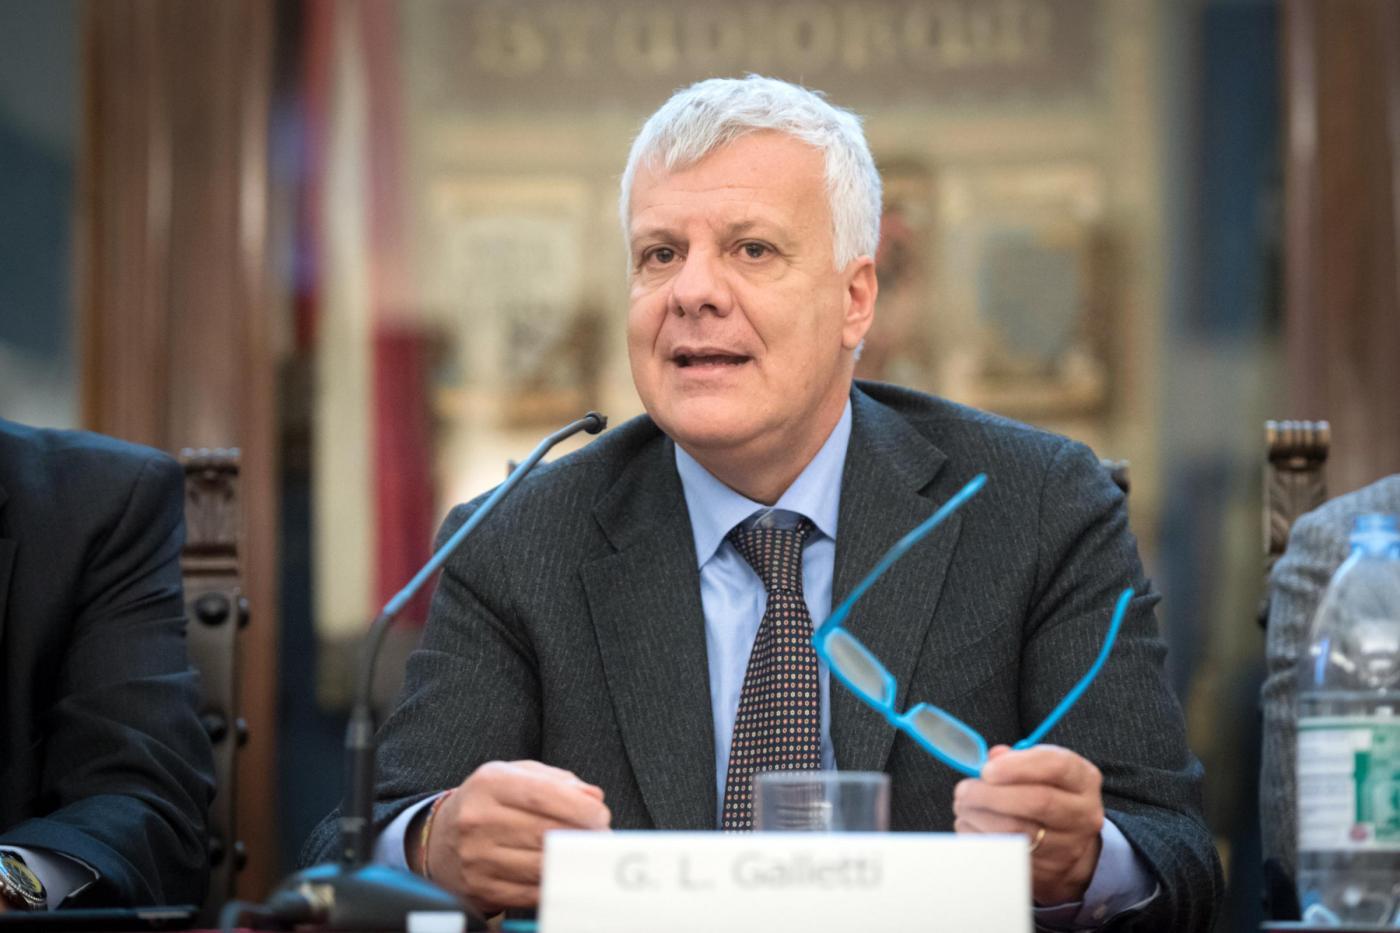 Chi è Gianluca Galletti, ministro dell'Ambiente del nuovo governo Gentiloni